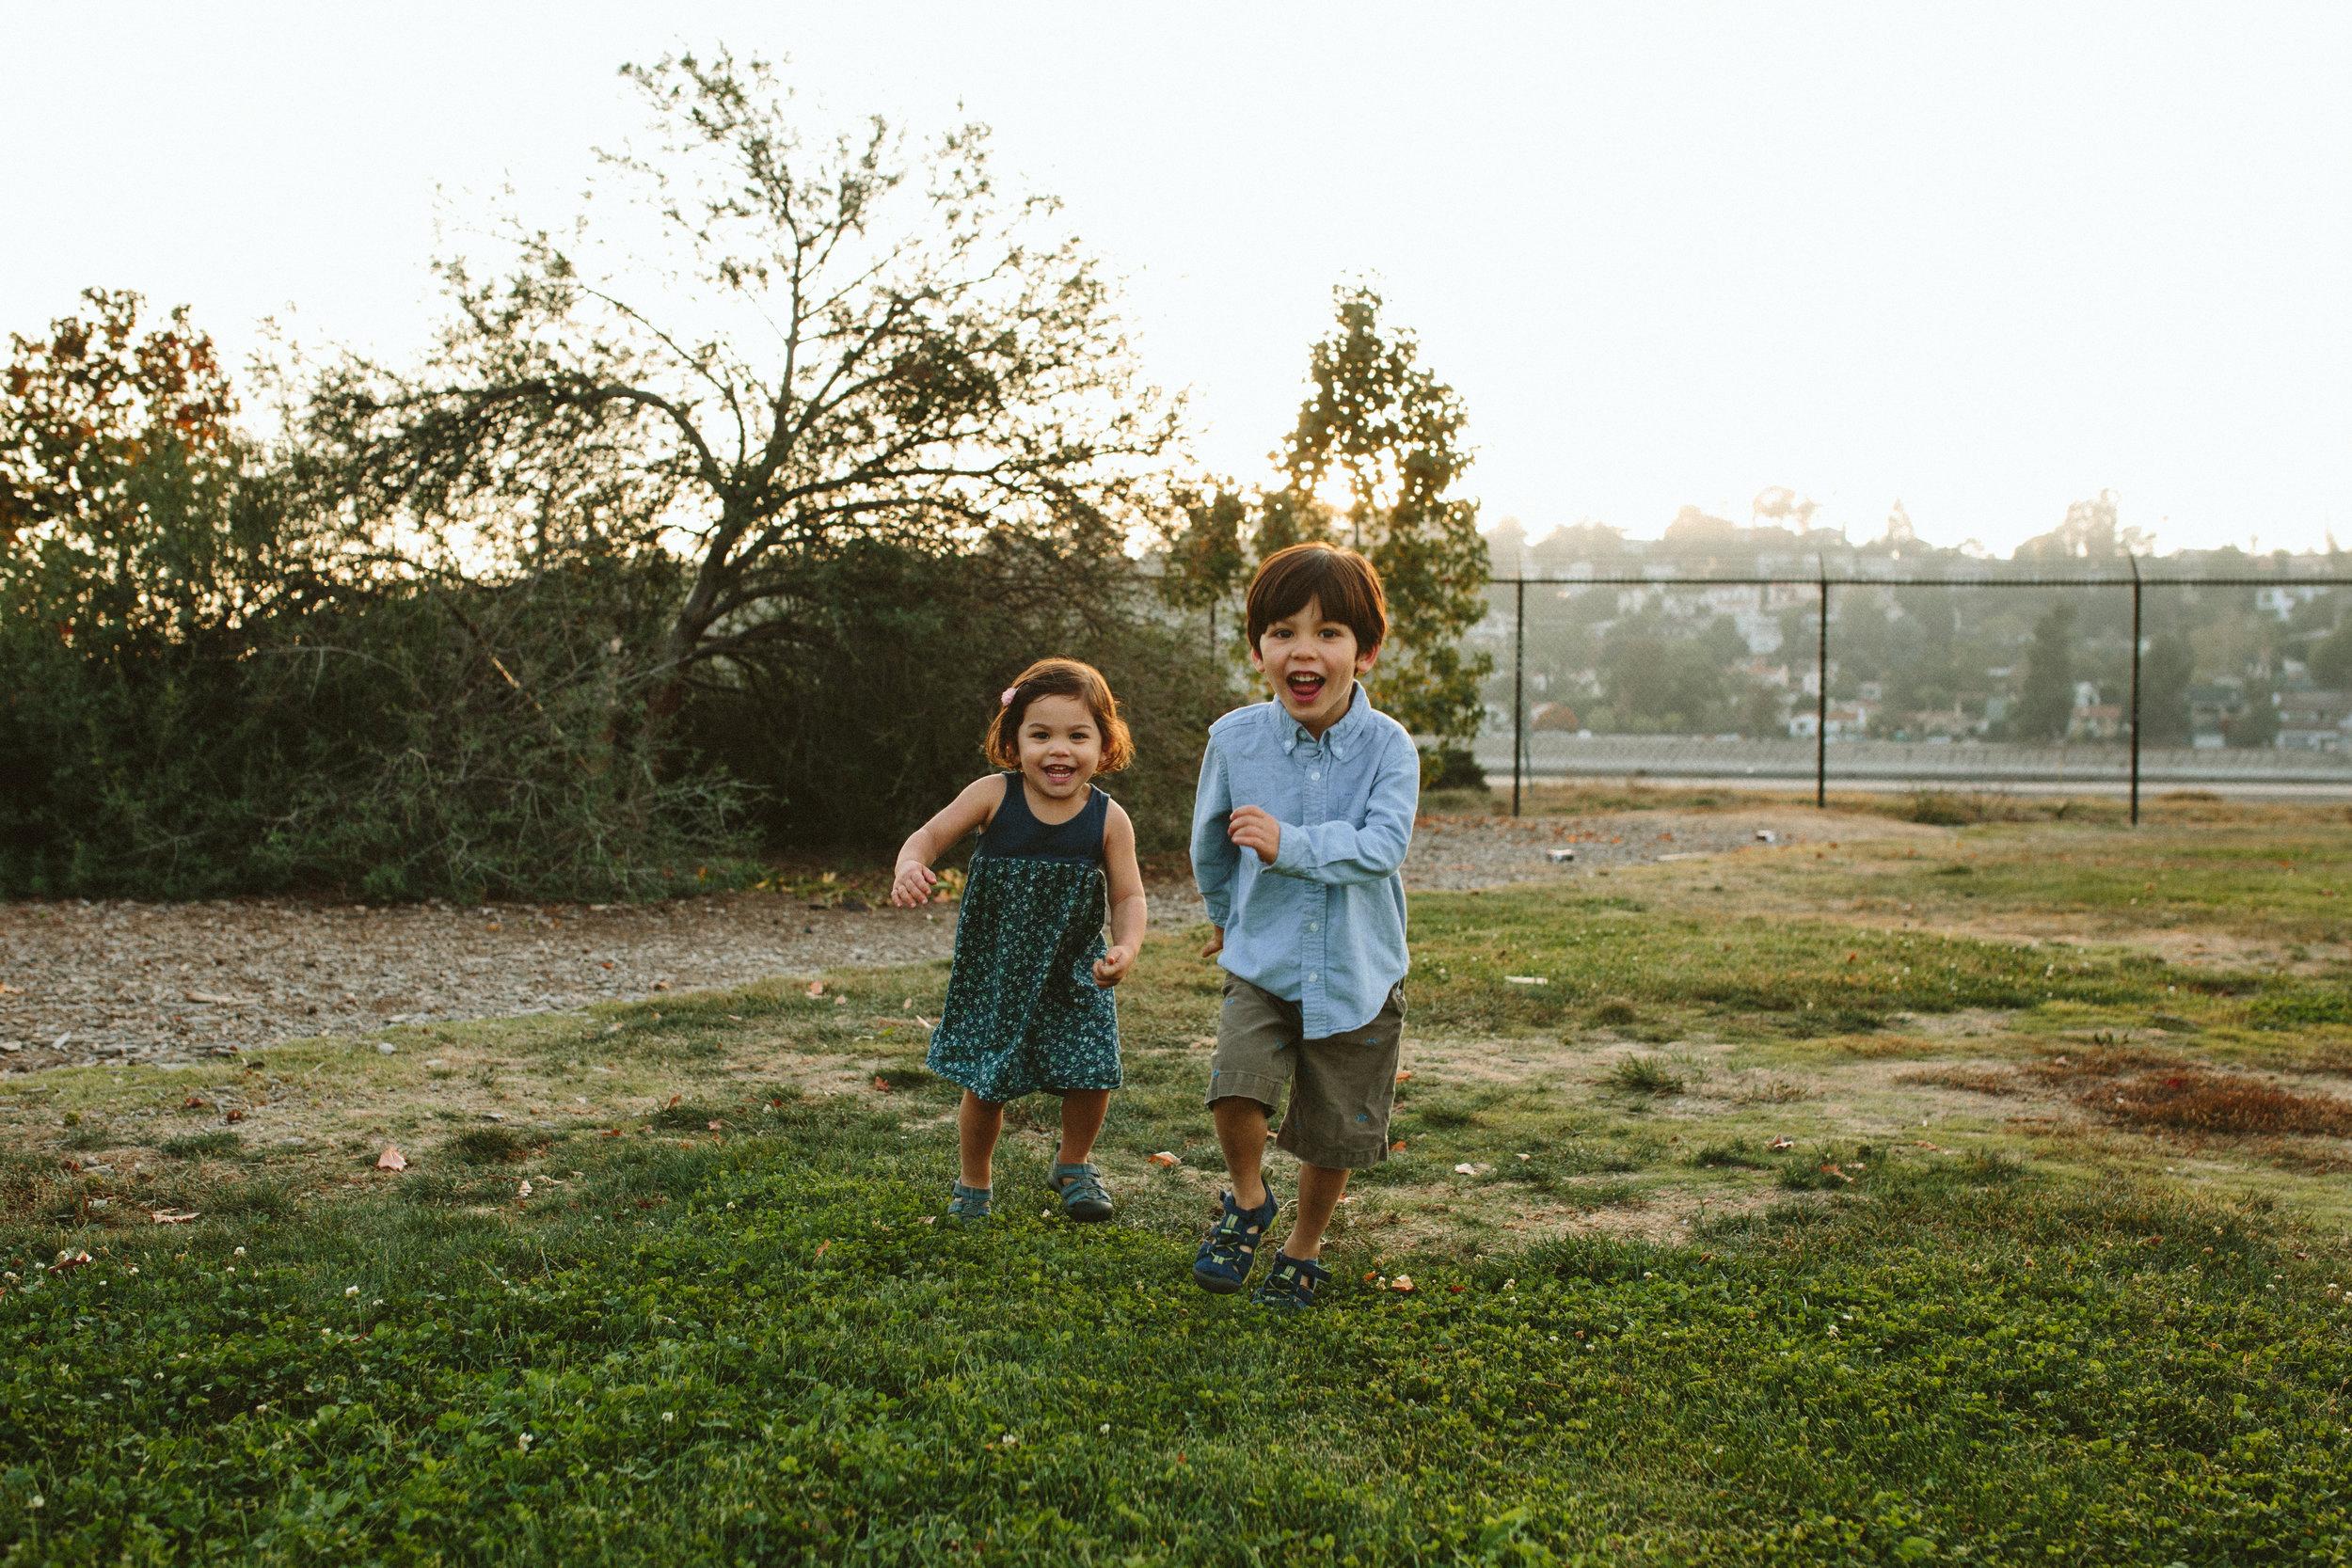 candid children